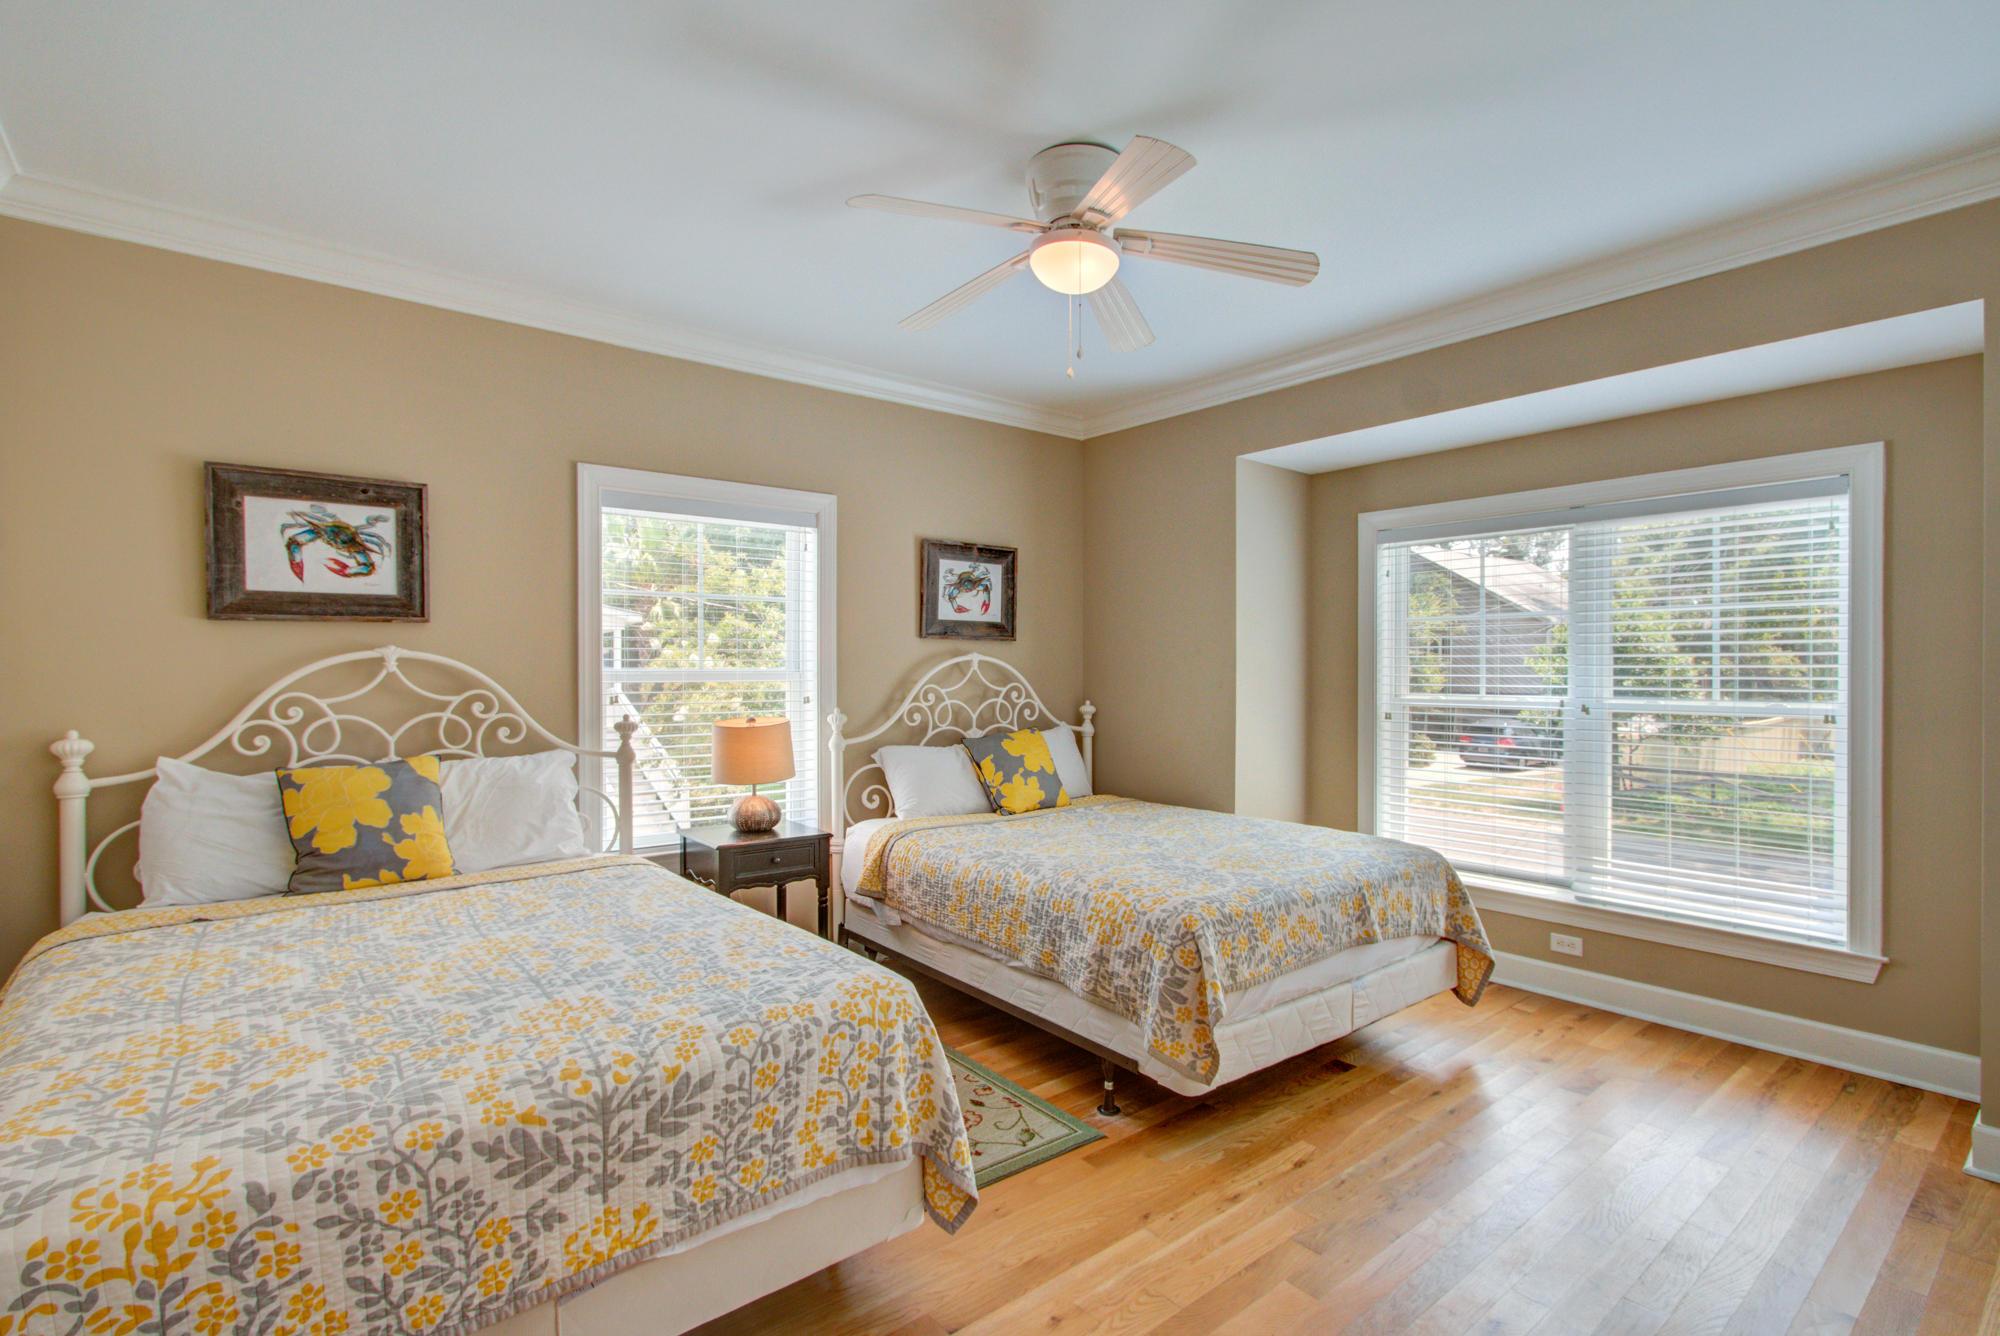 Folly Beach Homes For Sale - 616 Erie, Folly Beach, SC - 34